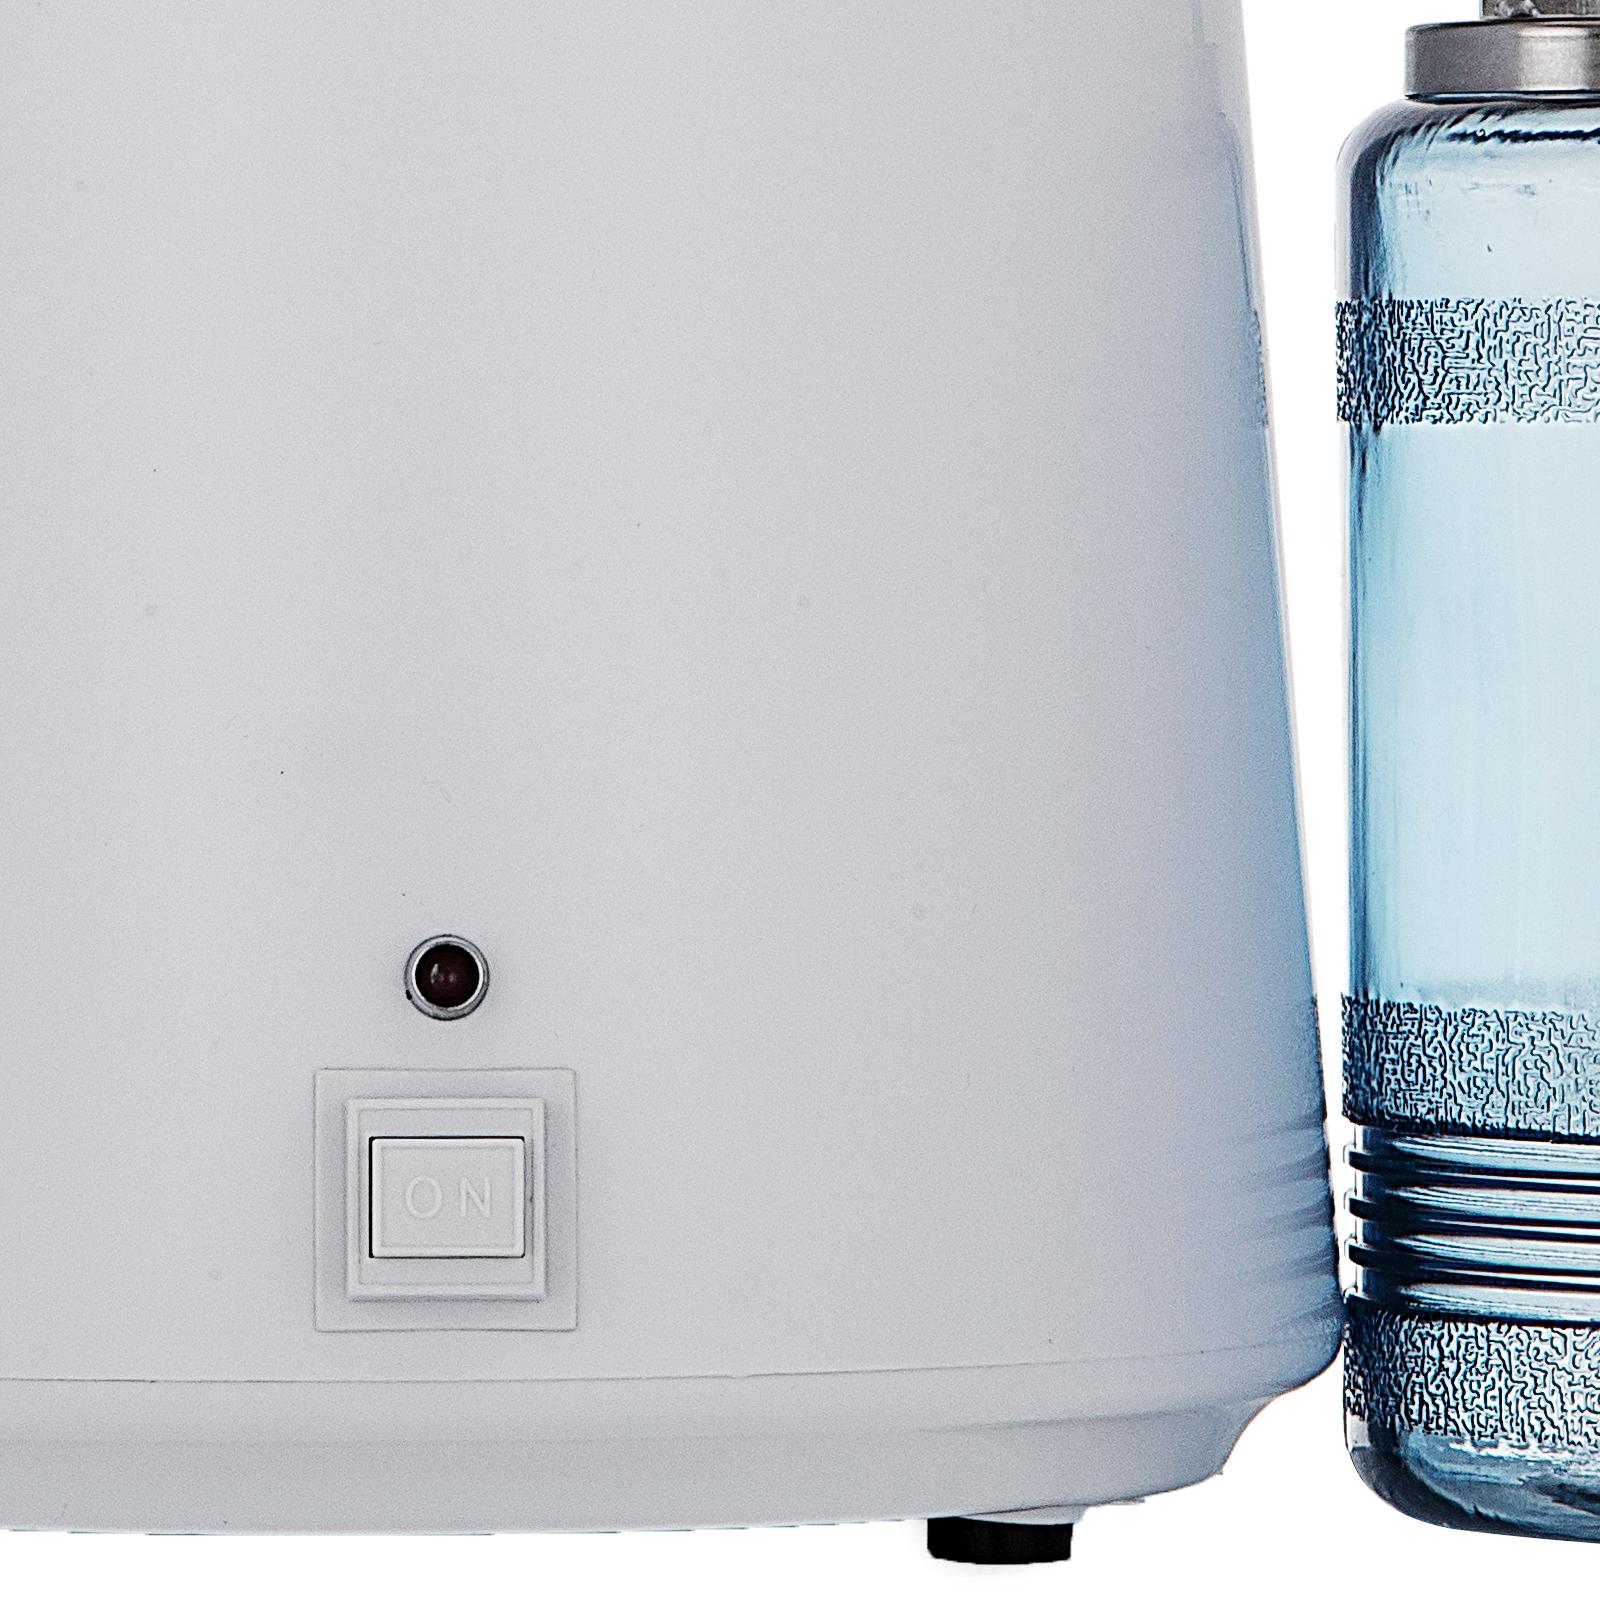 750W-4L-Wasser-Destilliergeraet-Water-Distiller-Einmachglas-Wasserflasche-Zuhause Indexbild 23